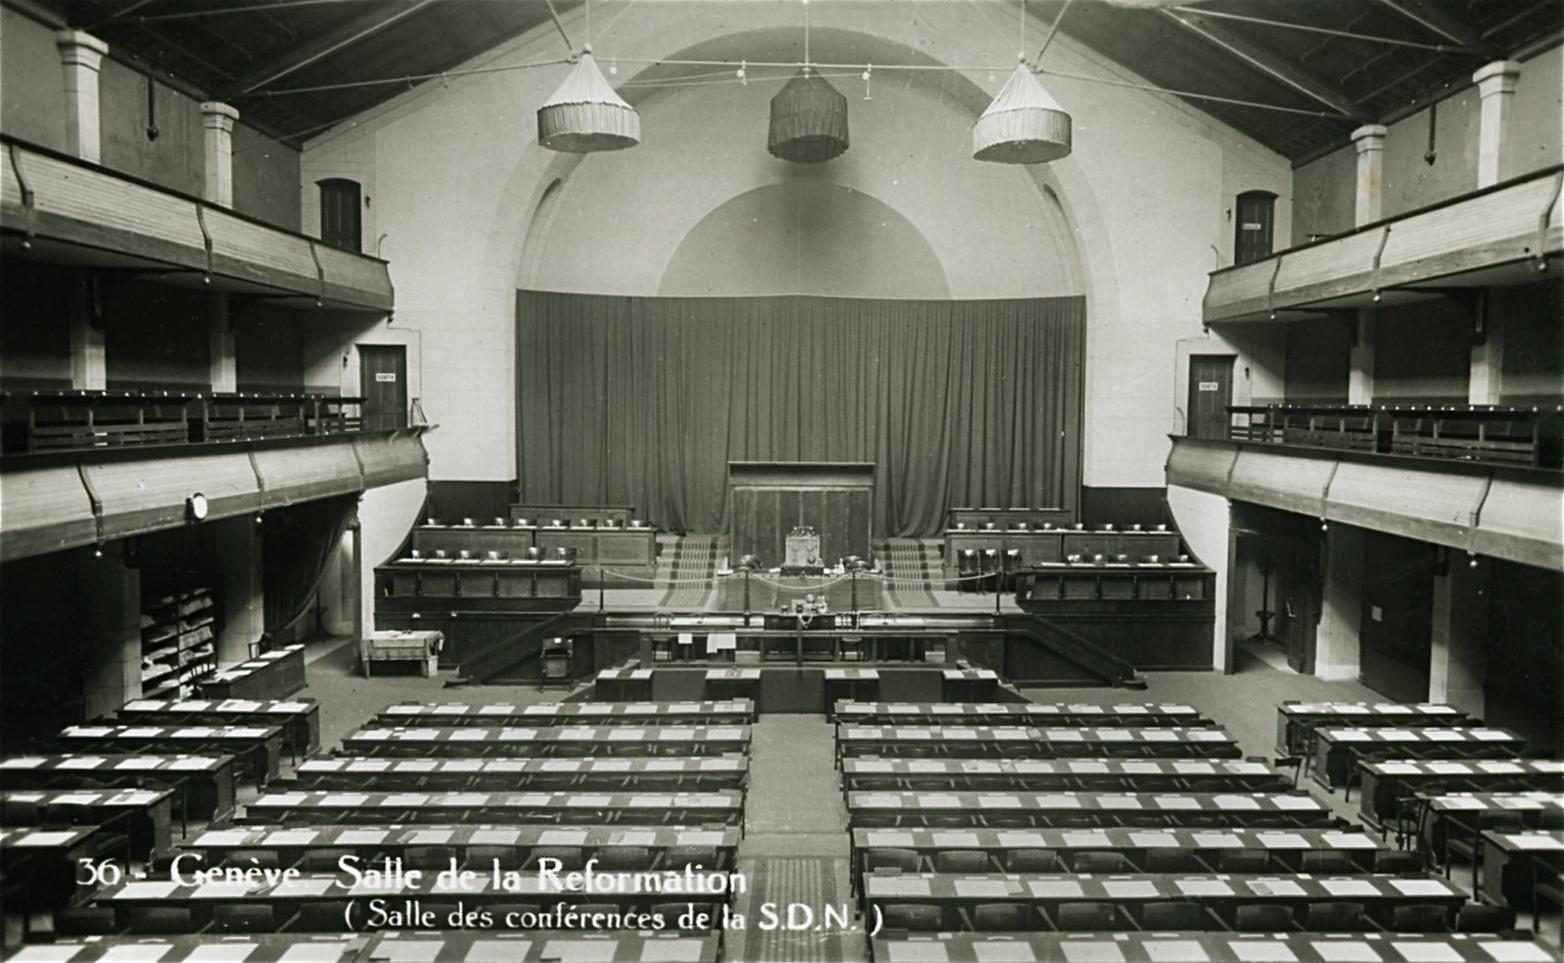 Salle de la Réformation